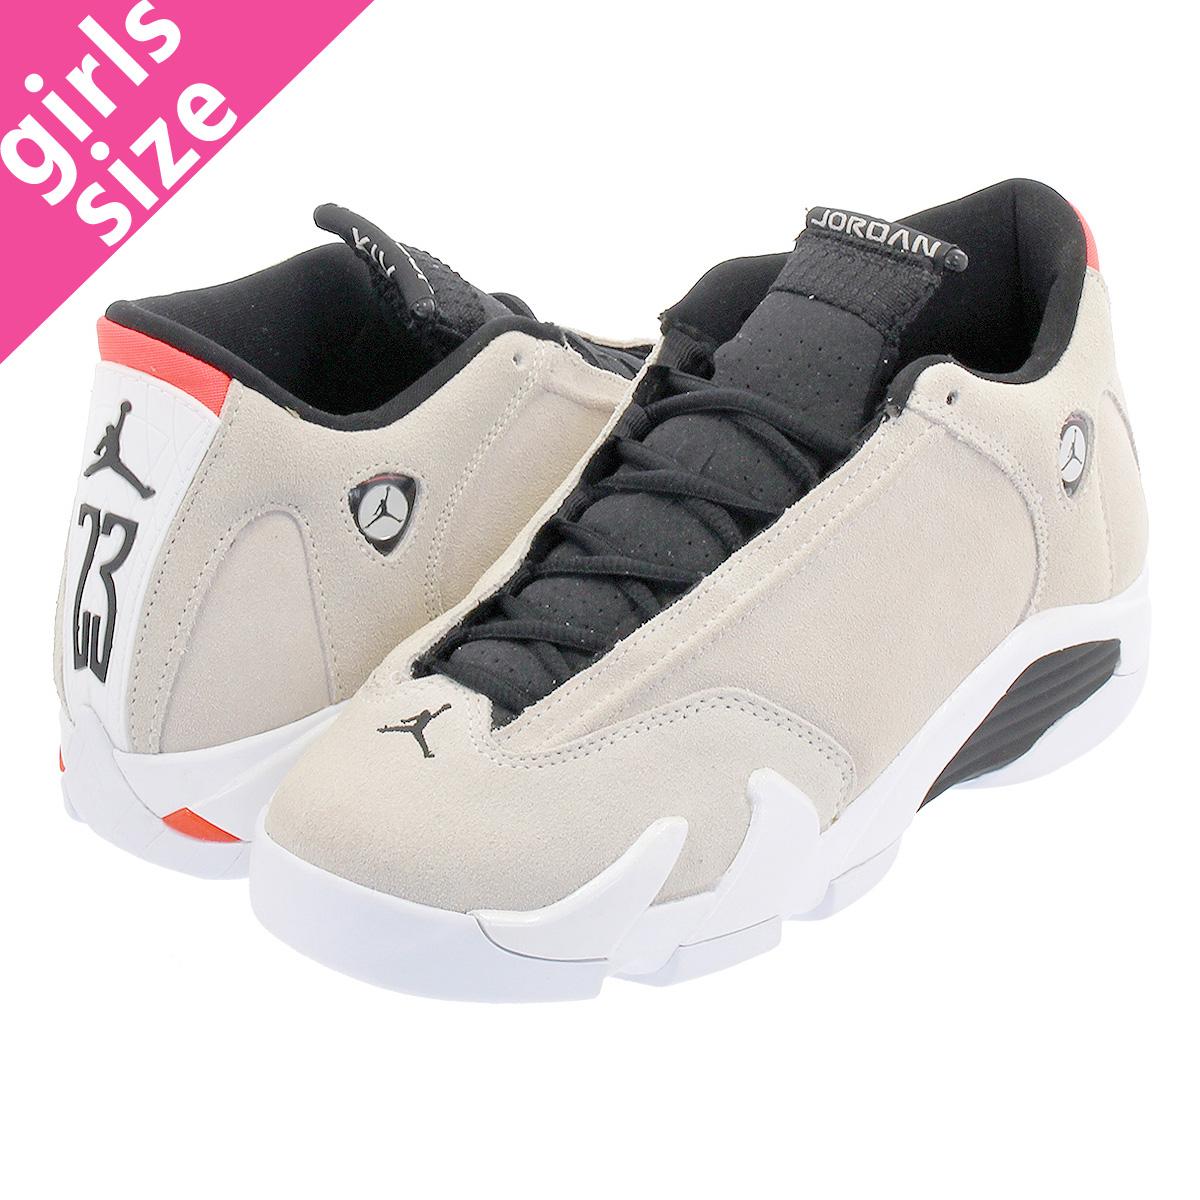 ee2870c3e5a NIKE AIR JORDAN 14 RETRO BG Nike Air Jordan 14 nostalgic BG DESERT SAND/ BLACK ...